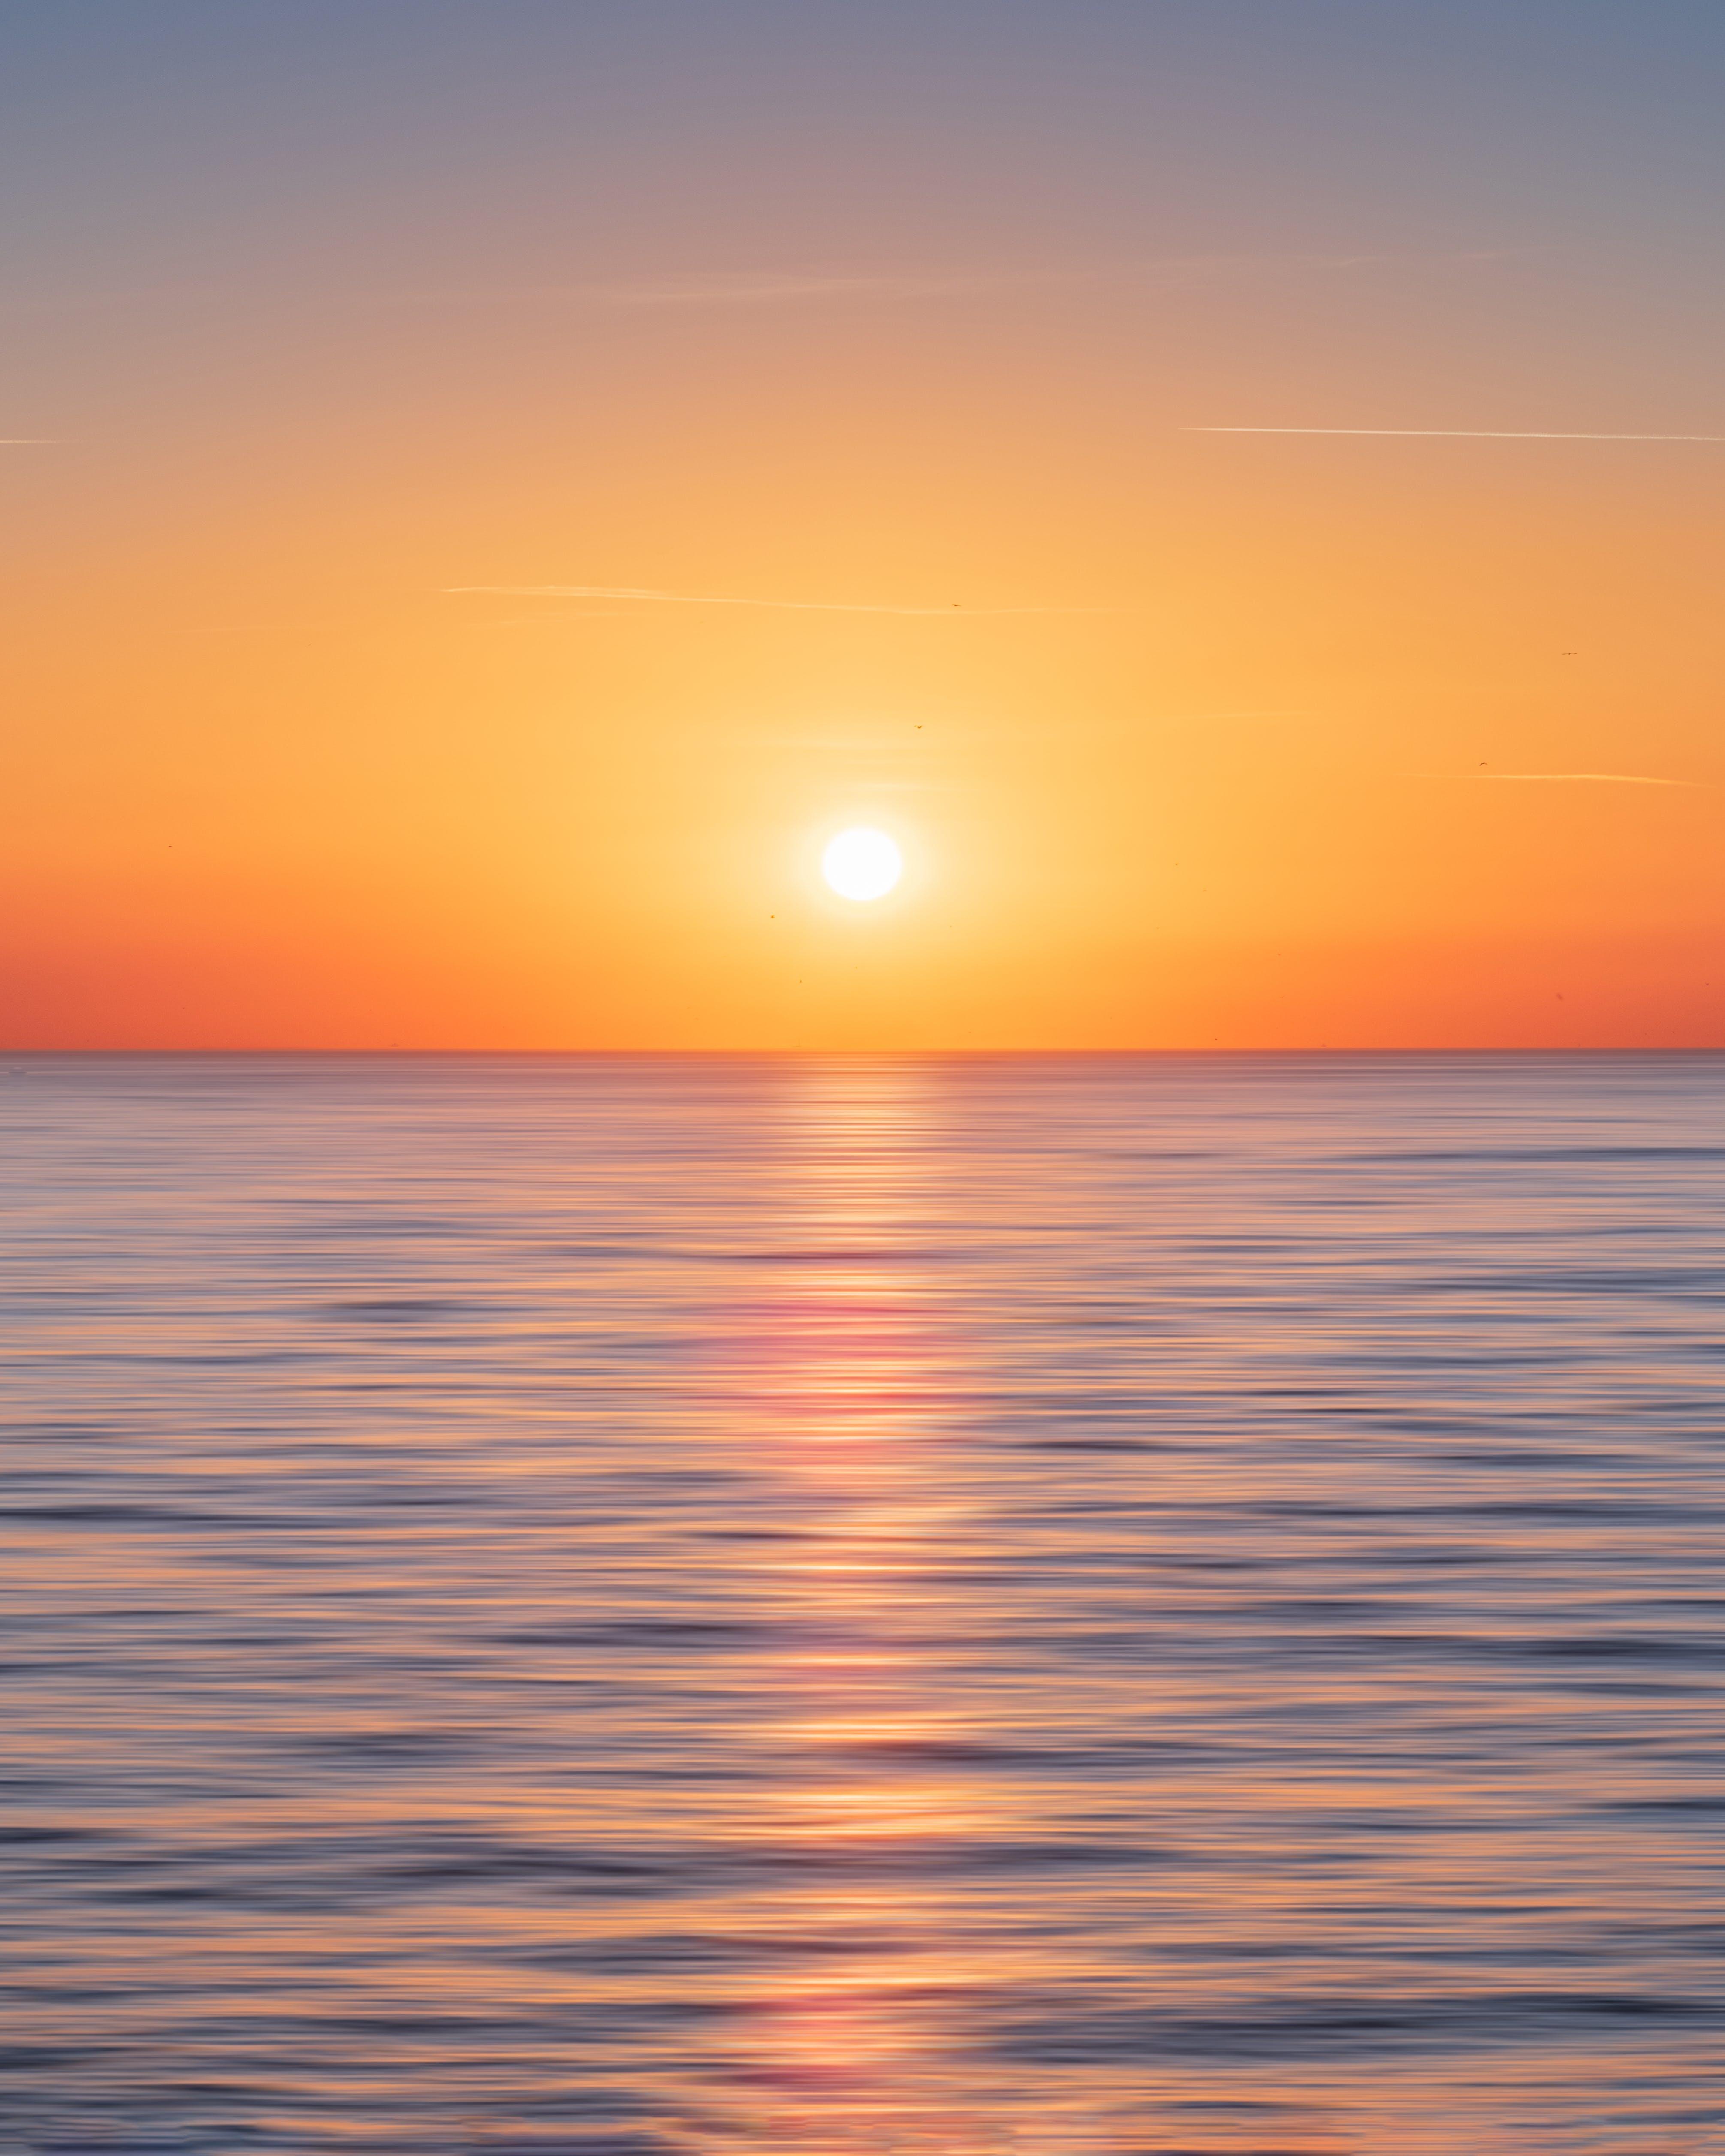 反射, 地平線, 天性, 平靜的水面 的 免费素材照片